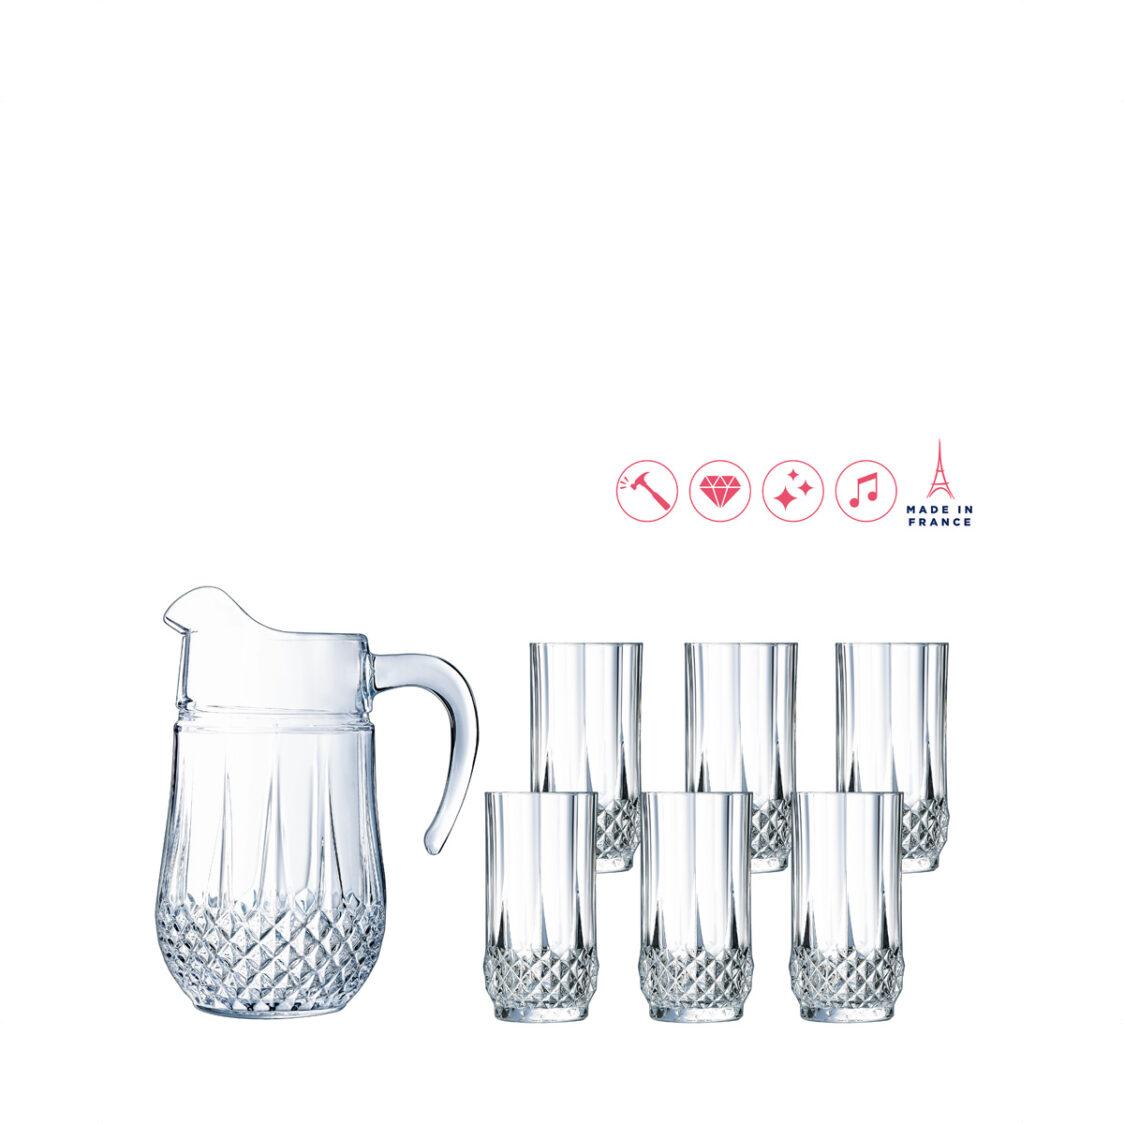 Arcopal Cristal D Arques Longchamp 7pc Water Set